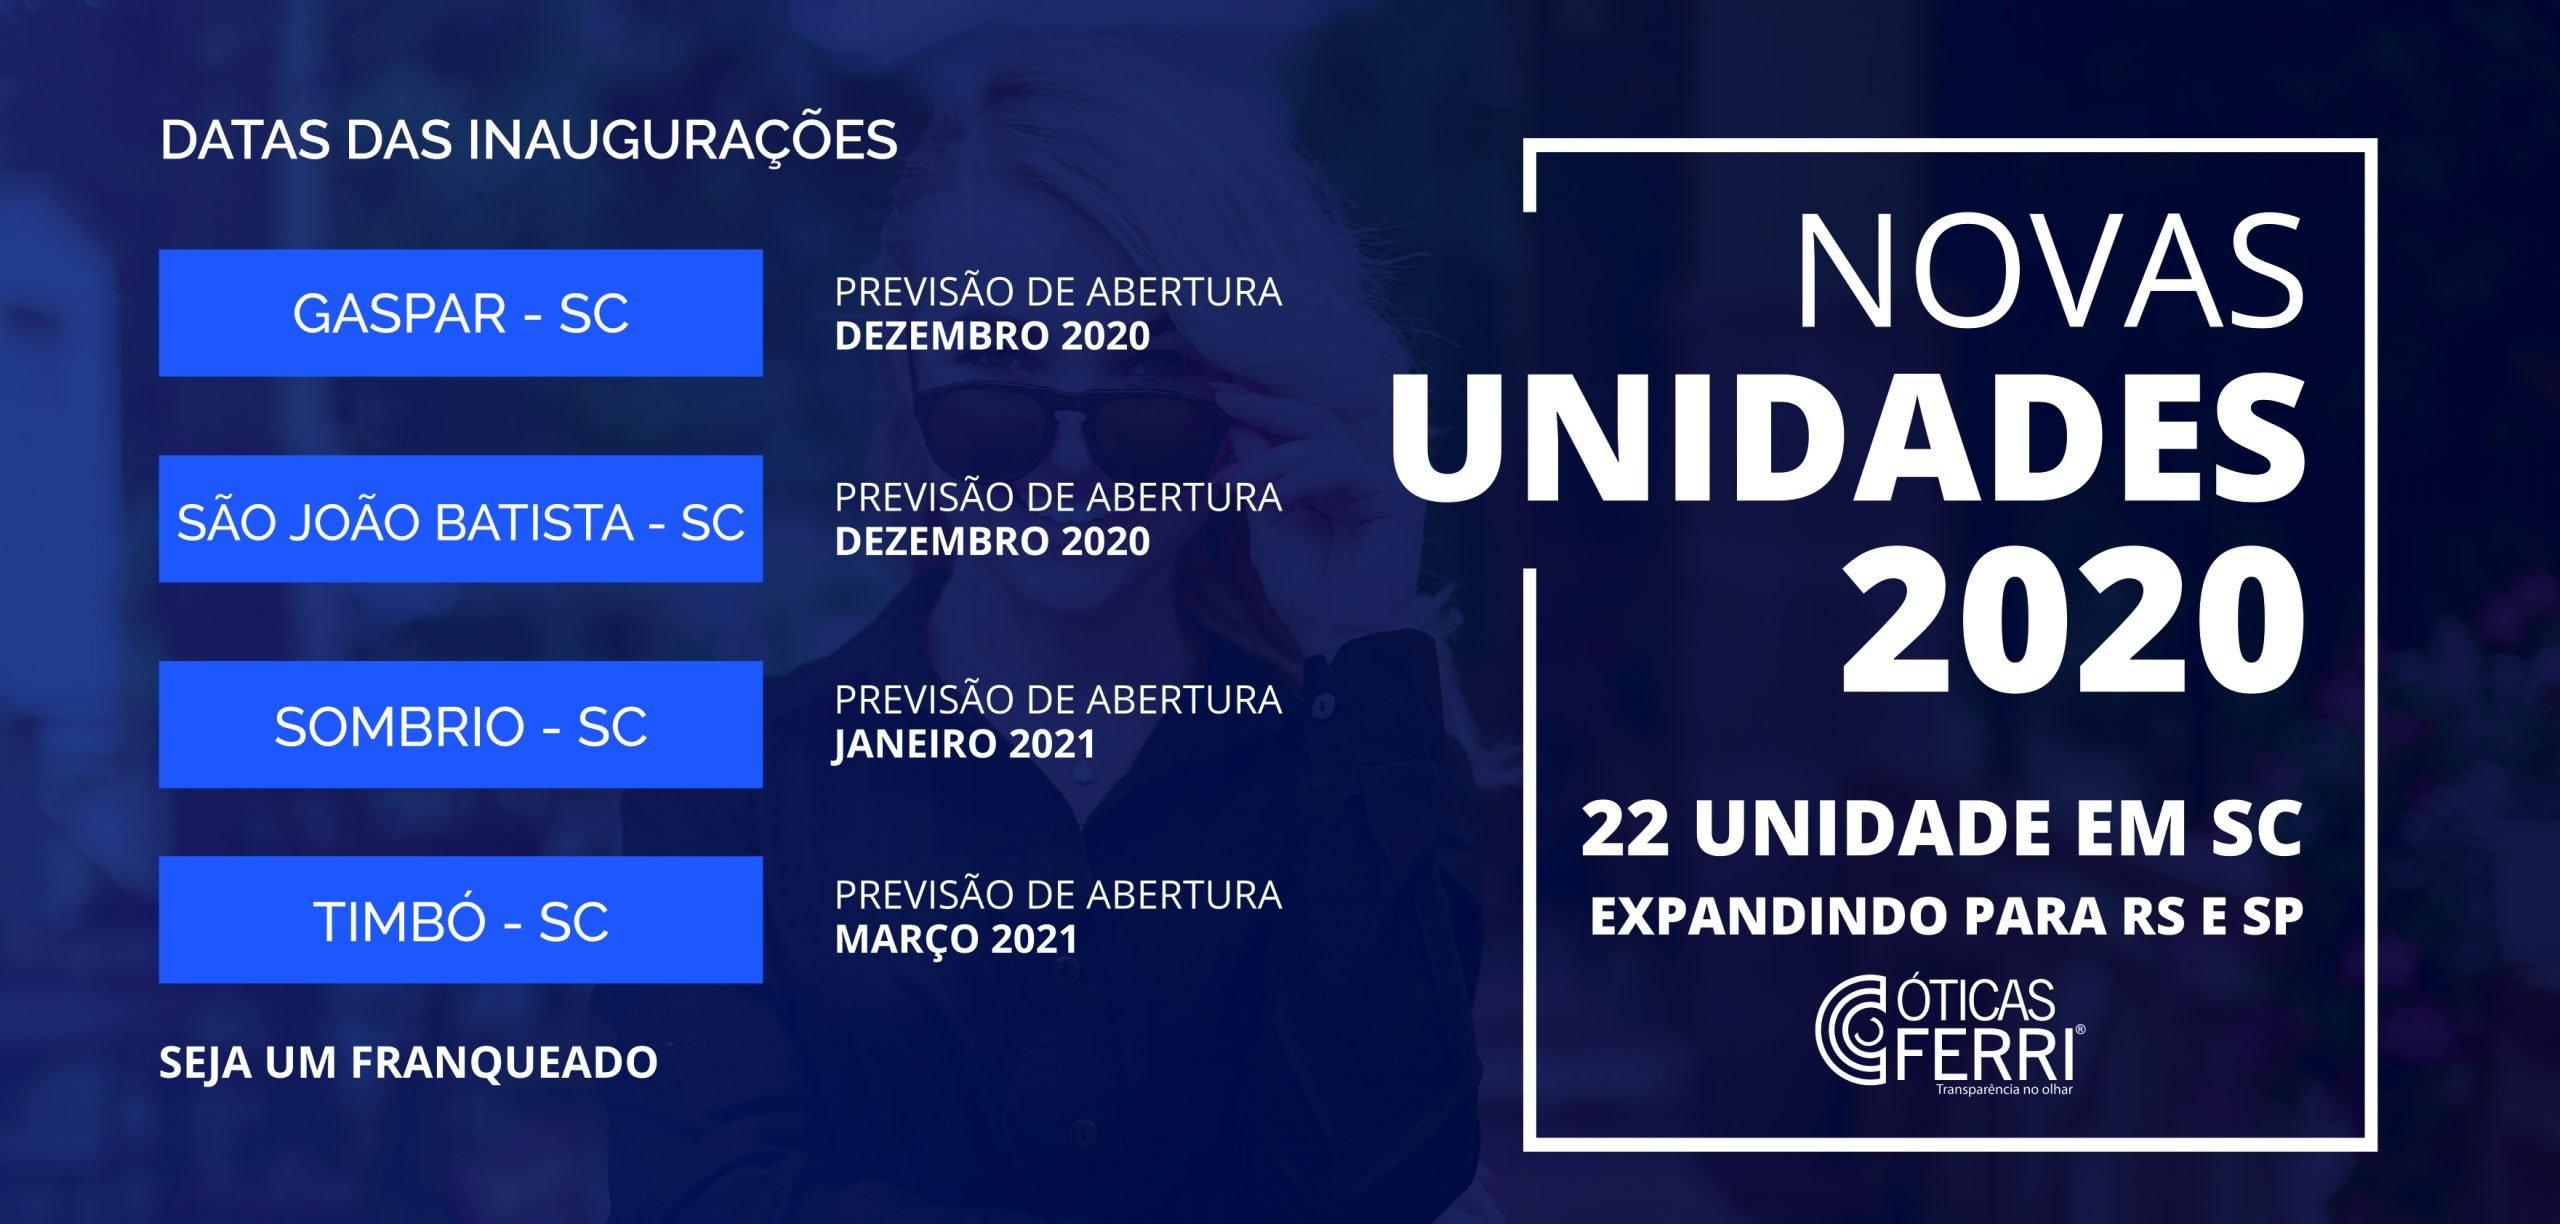 CAPA_SITE_NOVAS_UNIDADE